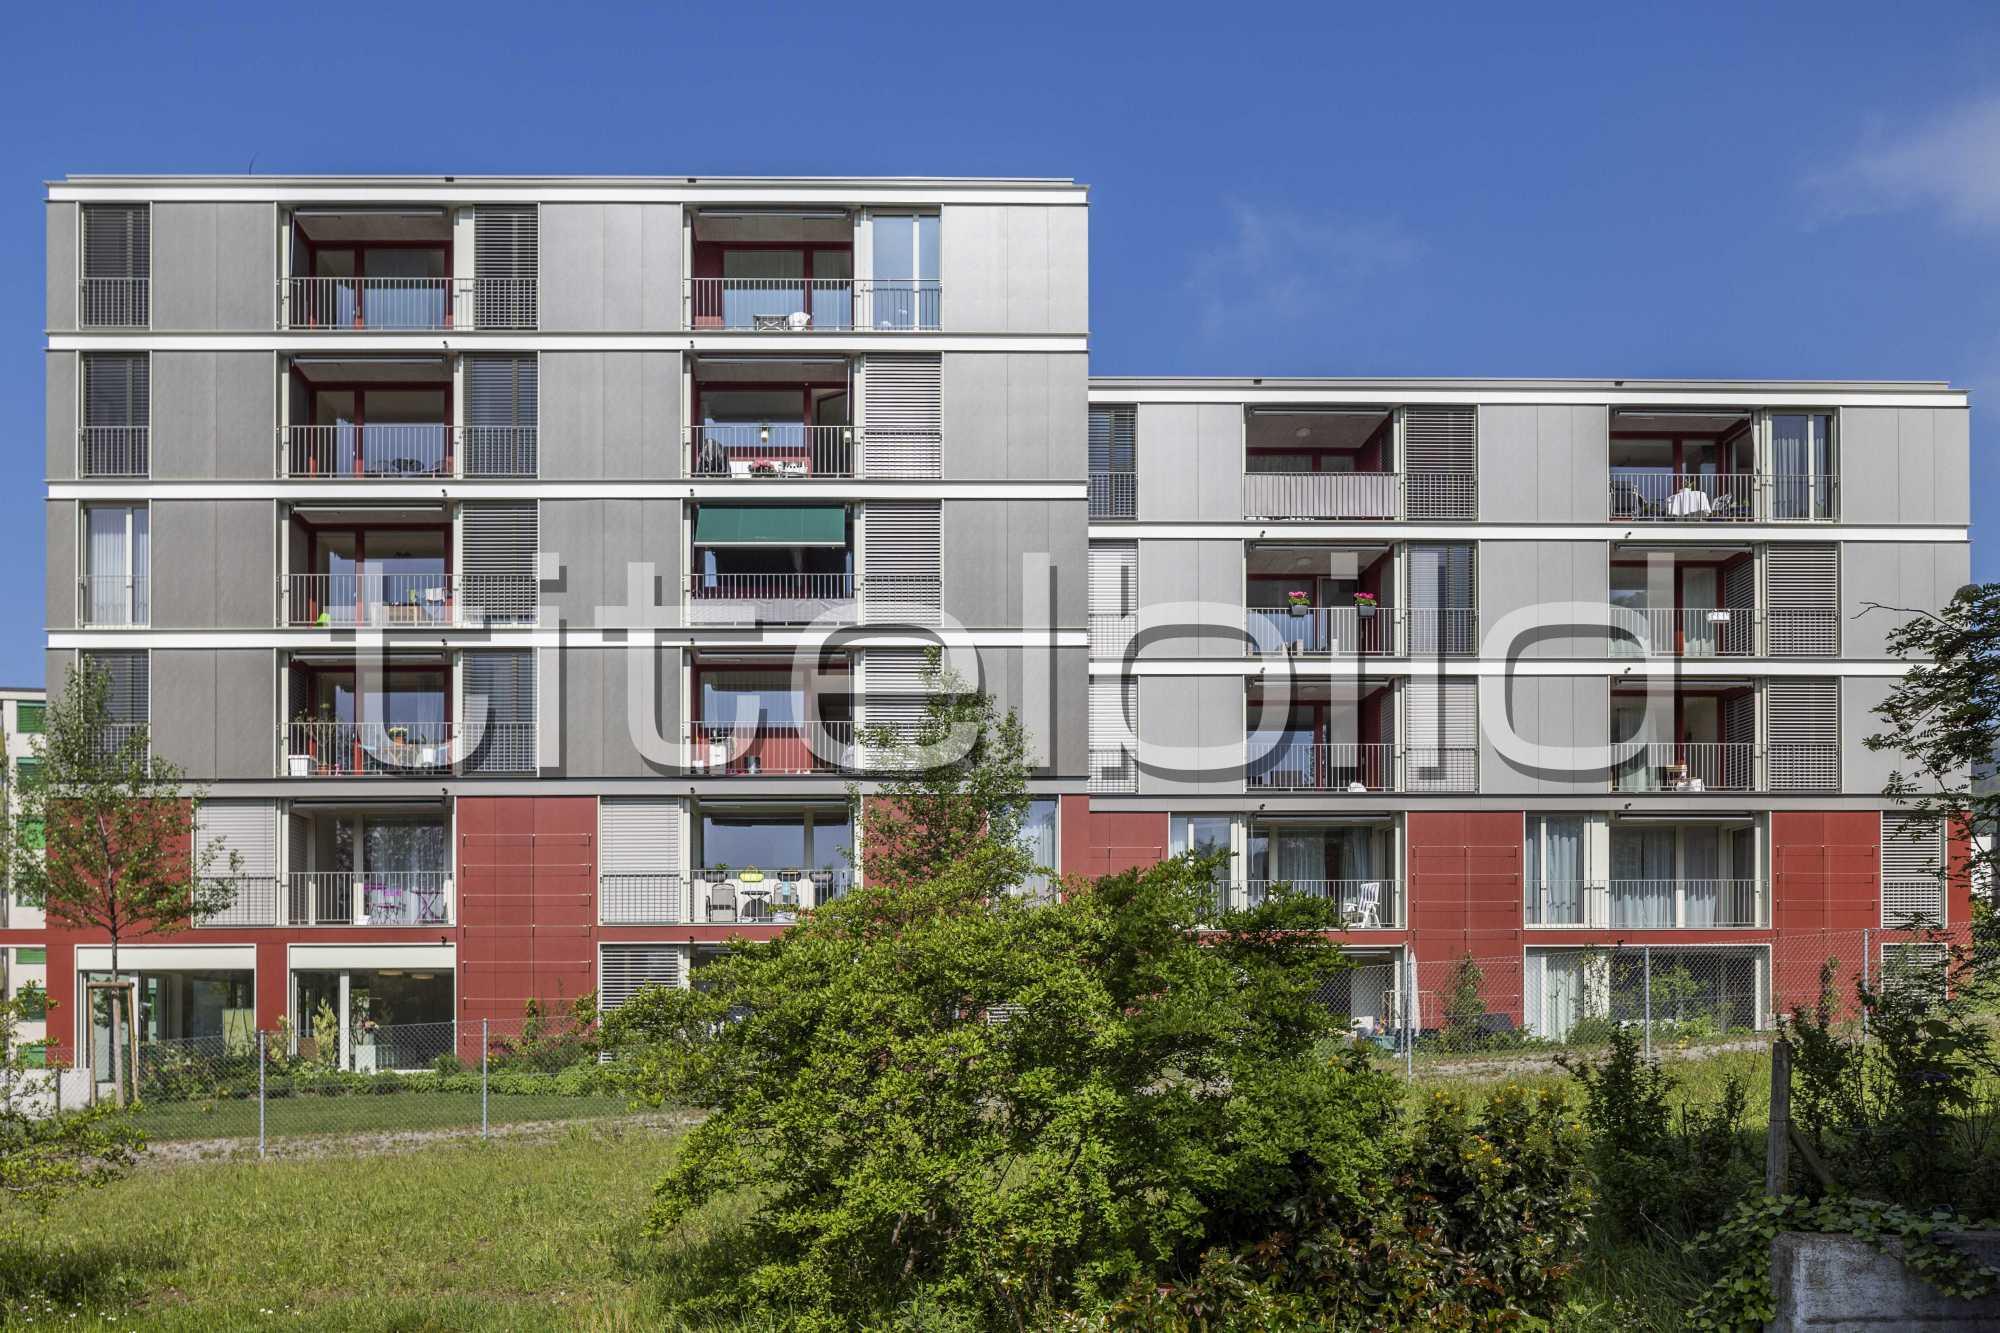 Projektbild-Nr. 6: Wohnüberbauung Sulperg 2